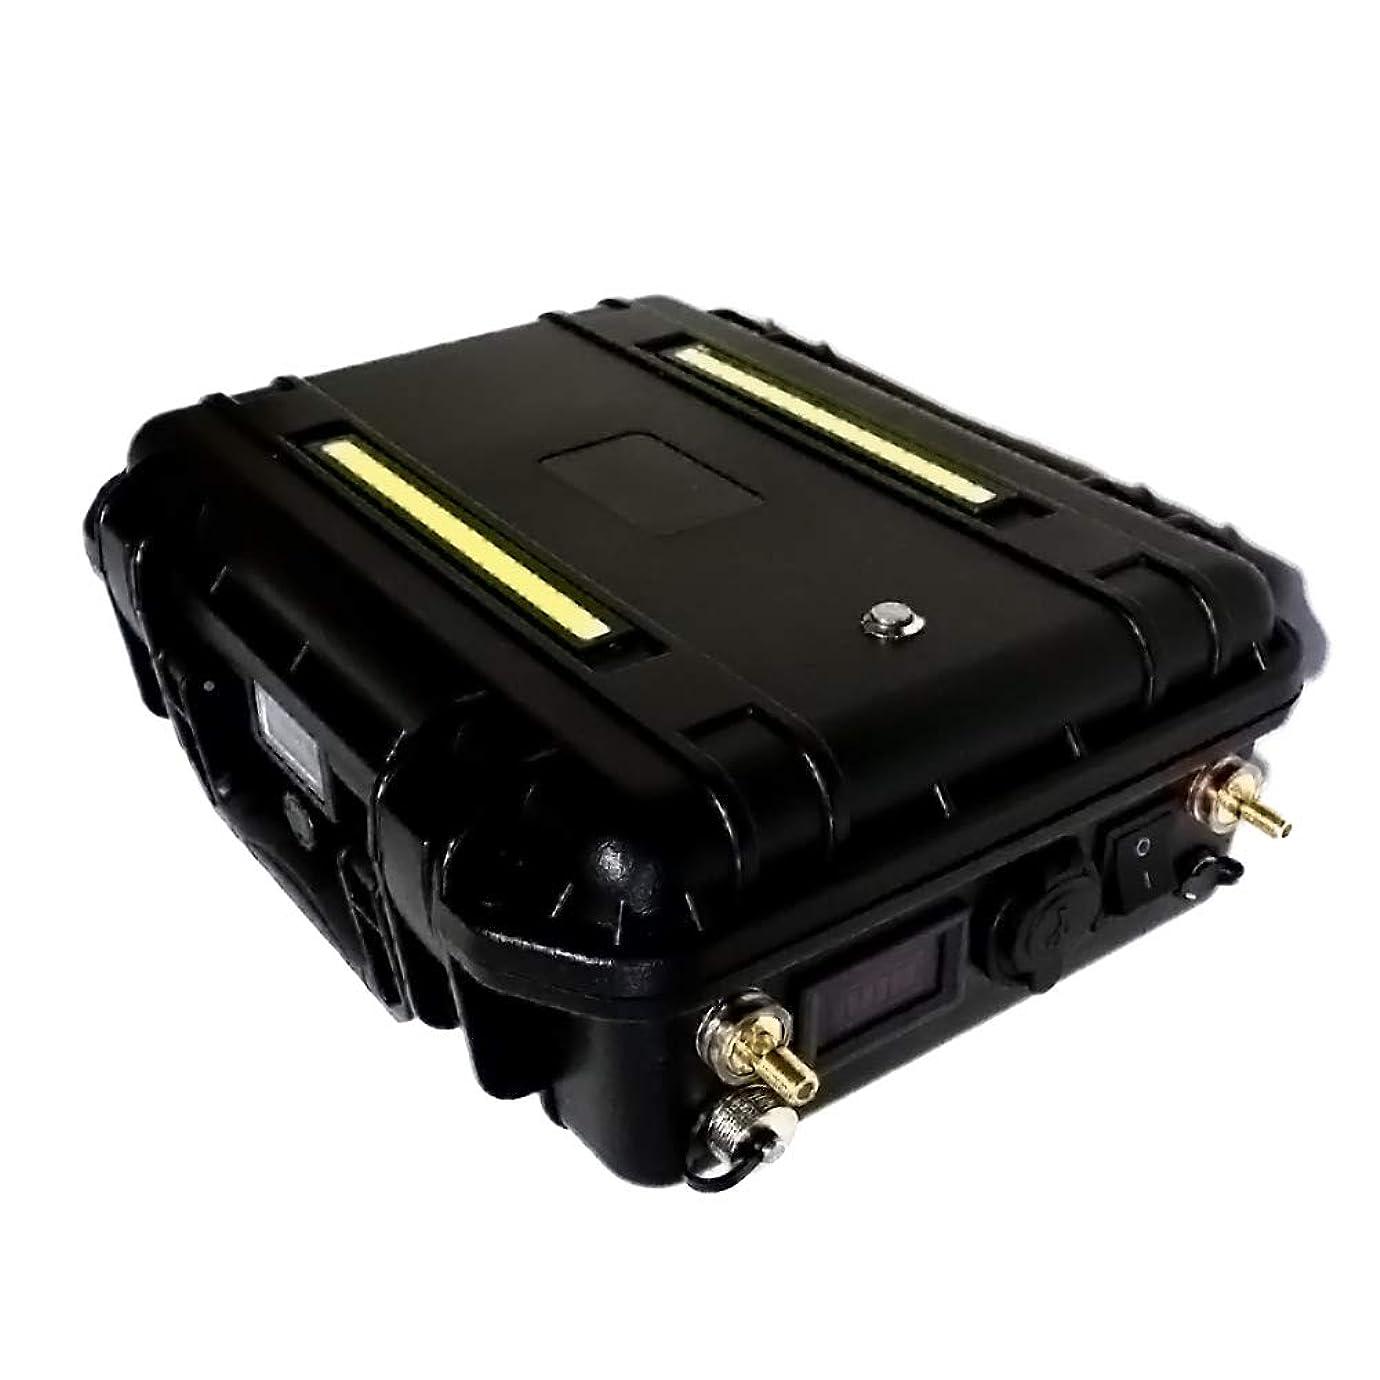 小さい初期のガイド@NSS ダイワ シマノ 電動リール用 バッテリー 超大容量 360Wh マルチ ポータブル電源 12V 30Ah 魚探 集魚灯 ジャンプスターター